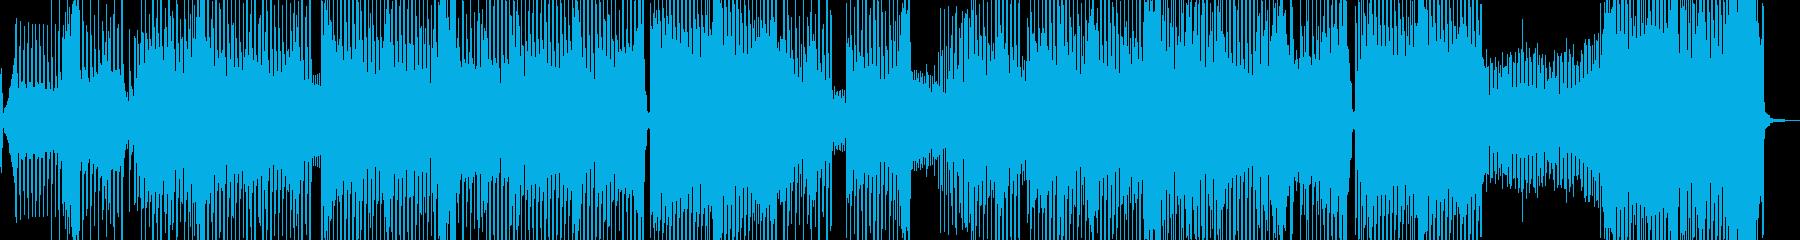 メタボ?コミカルなボディメイクテクノの再生済みの波形